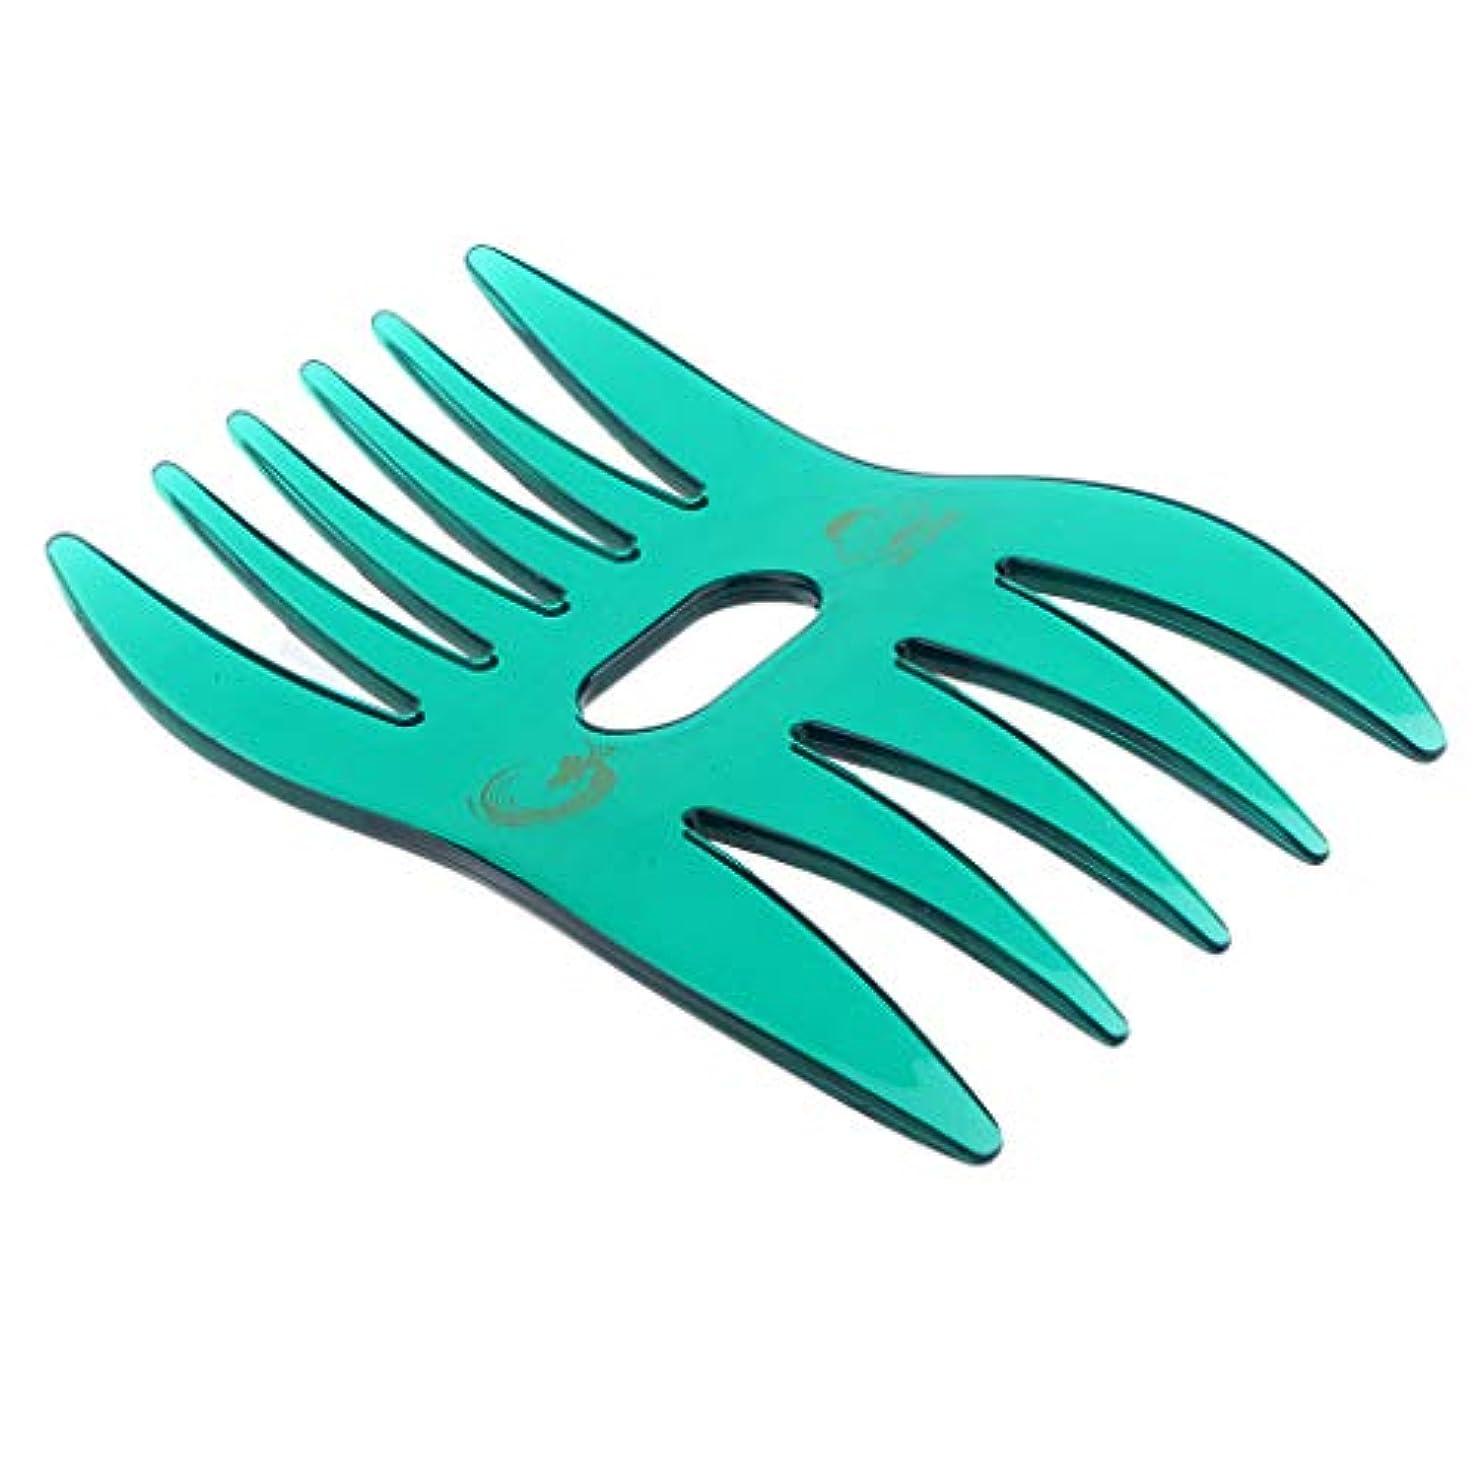 リボン等しいペチコートヘアコーム デュアルサイド メンズ オイルヘアコン サロン ヘアスタイル 4色選べ - 緑